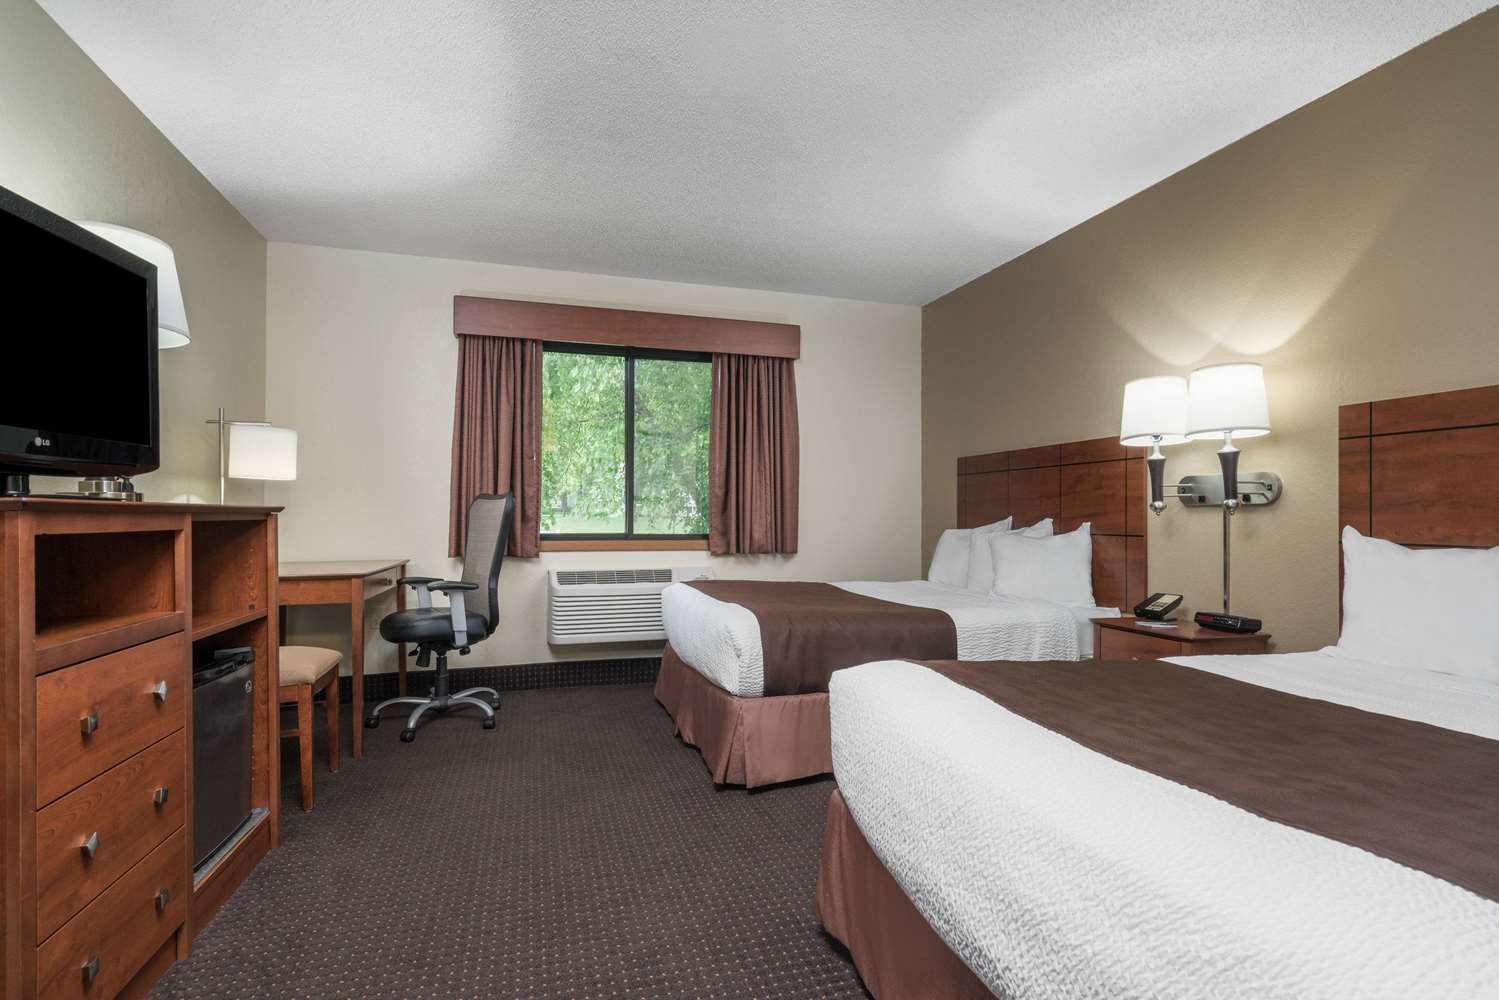 Room Americinn Lodge Suites Lake City